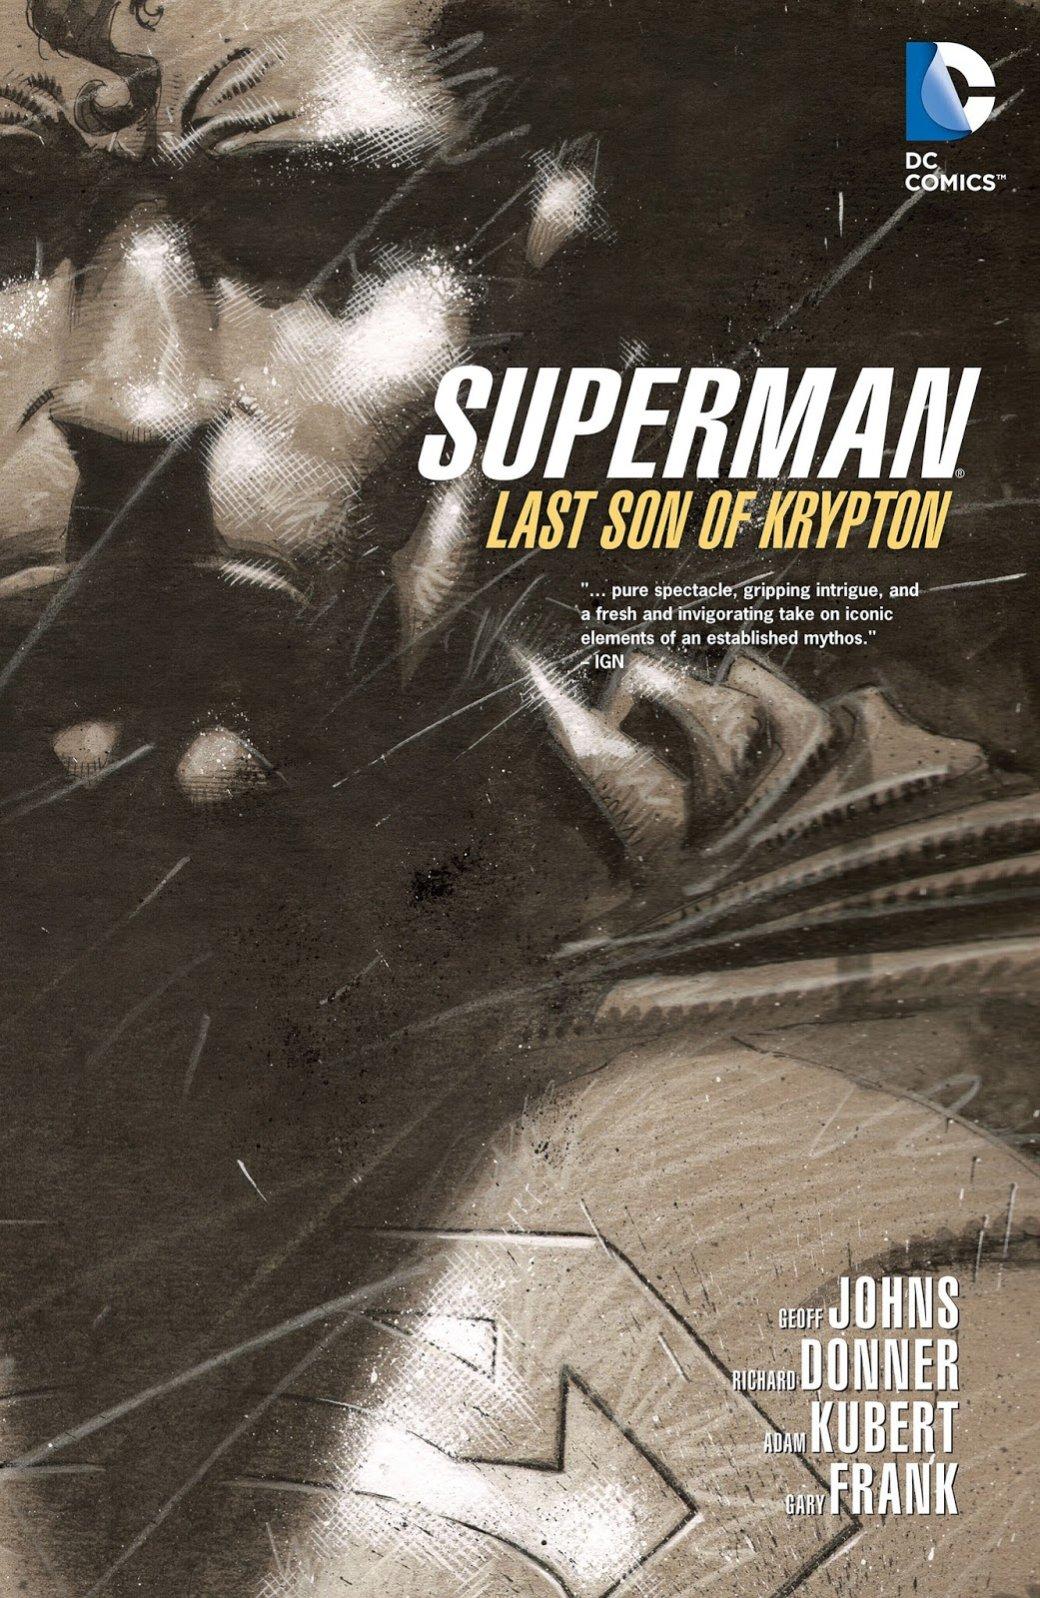 История Супермена иэволюция его образа вкомиксах   Канобу - Изображение 9416